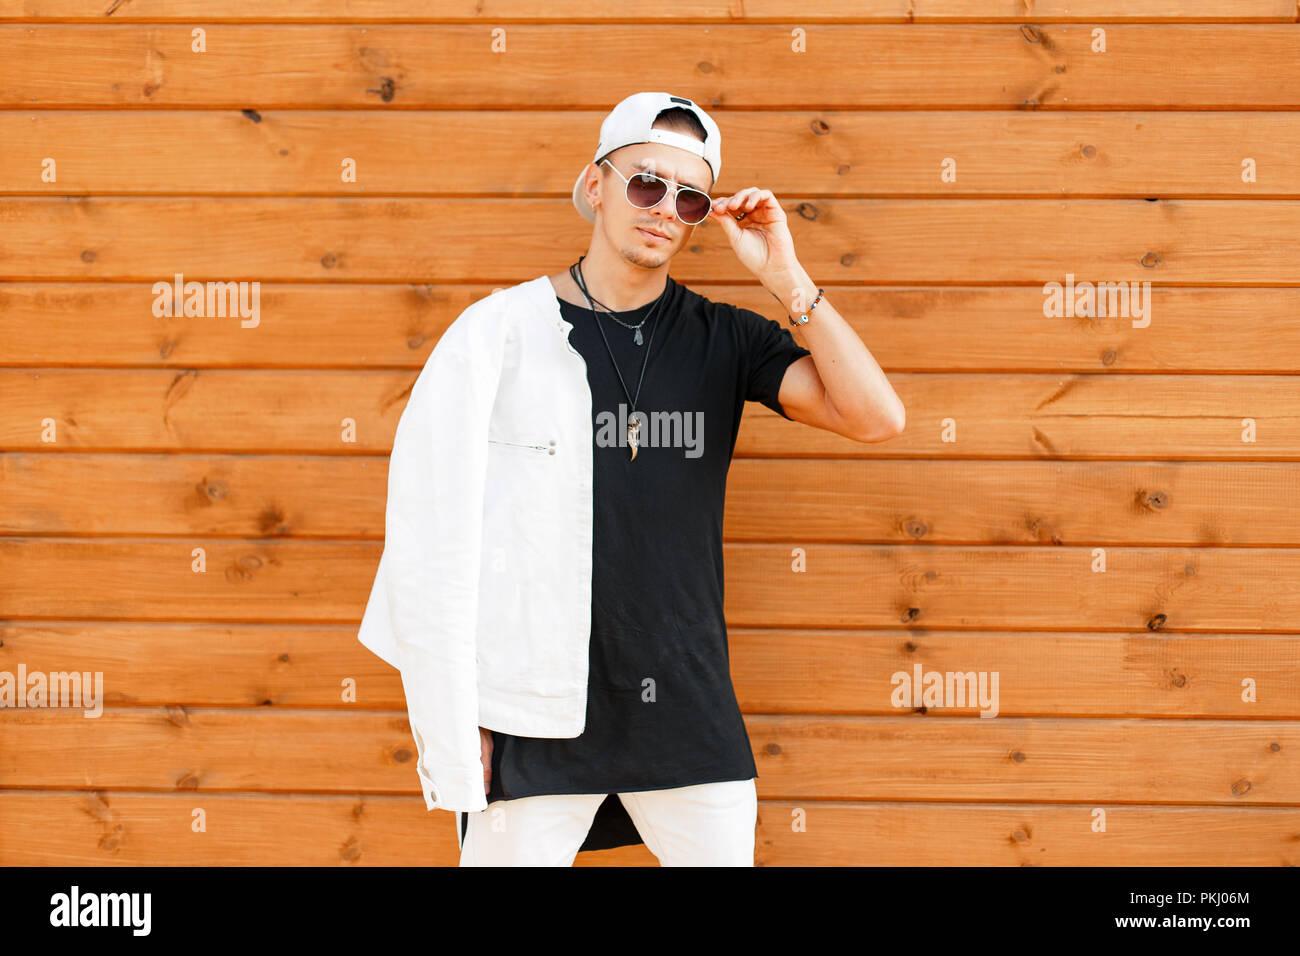 9899fbc91208 Elegante Joven Hombre con gafas de sol en una camisa blanca y una ...